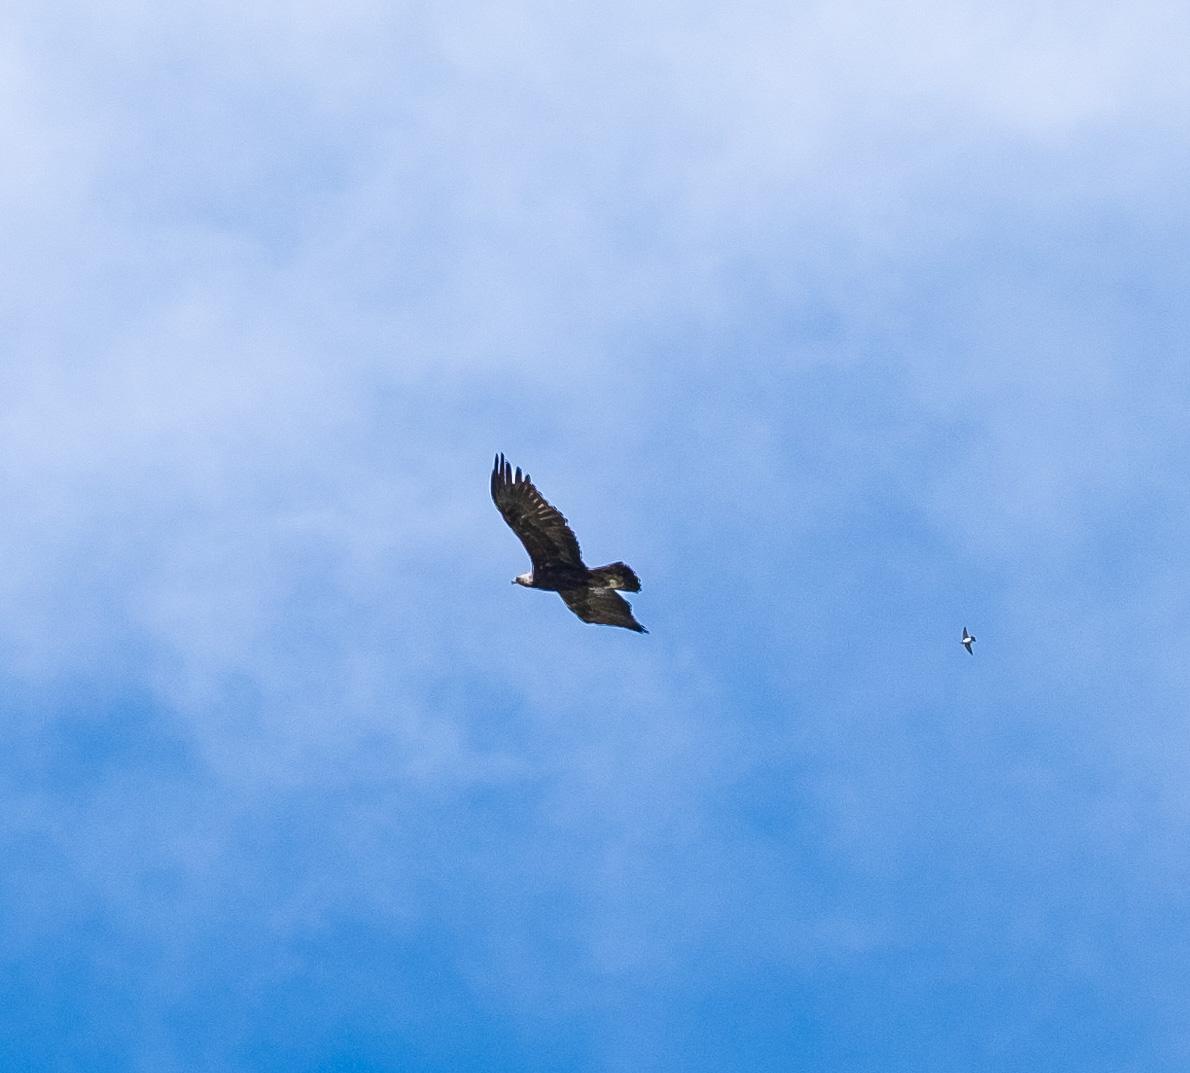 GoldenEagleSurprise-3.jpg